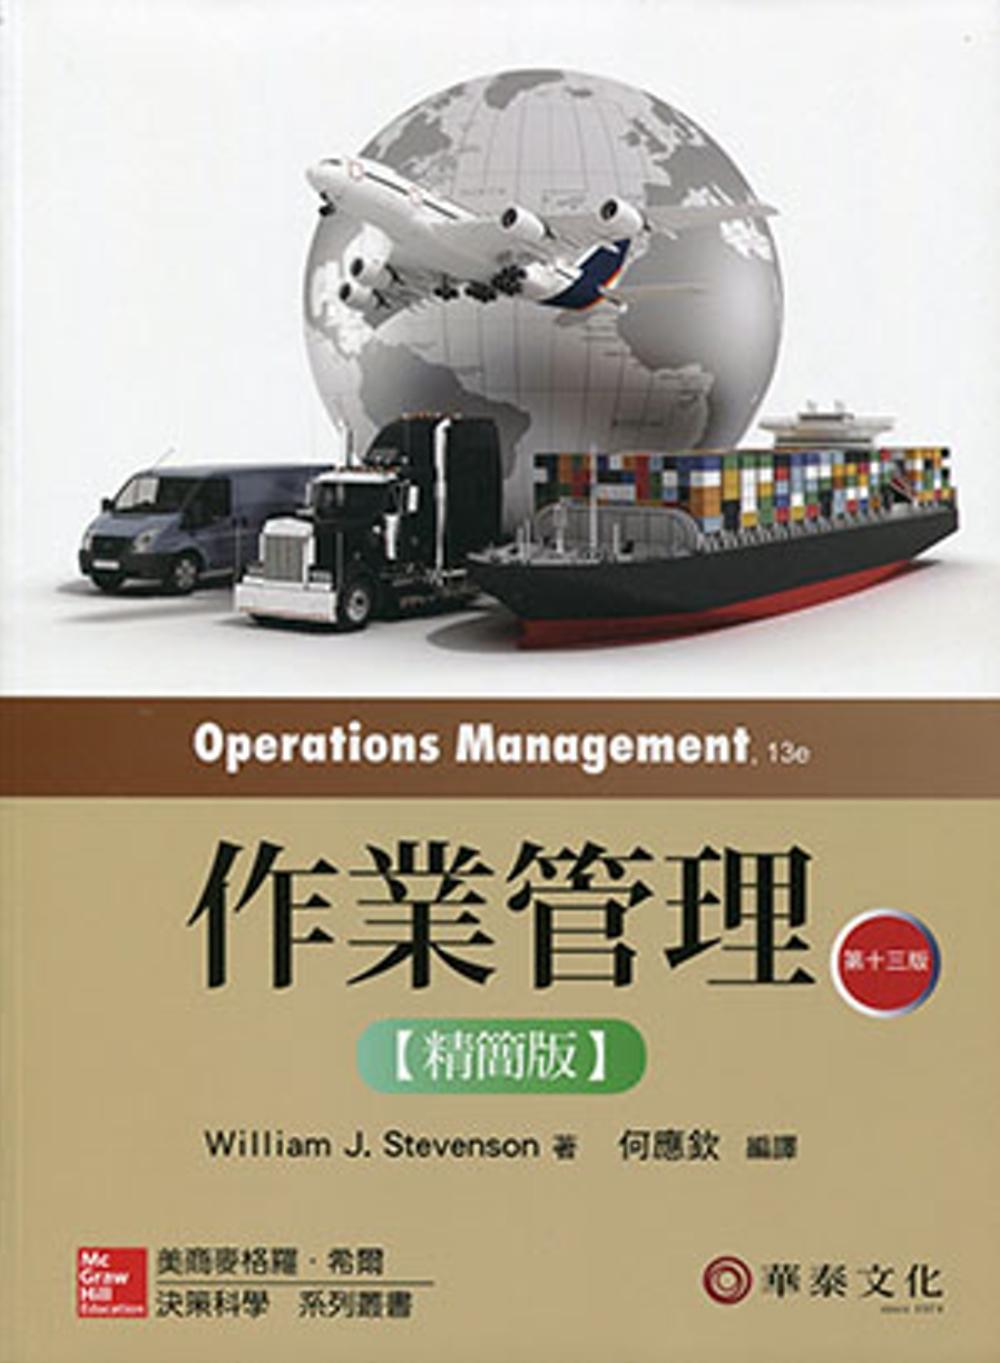 作業管理精簡版(Stevenson/Operations Management 13e)